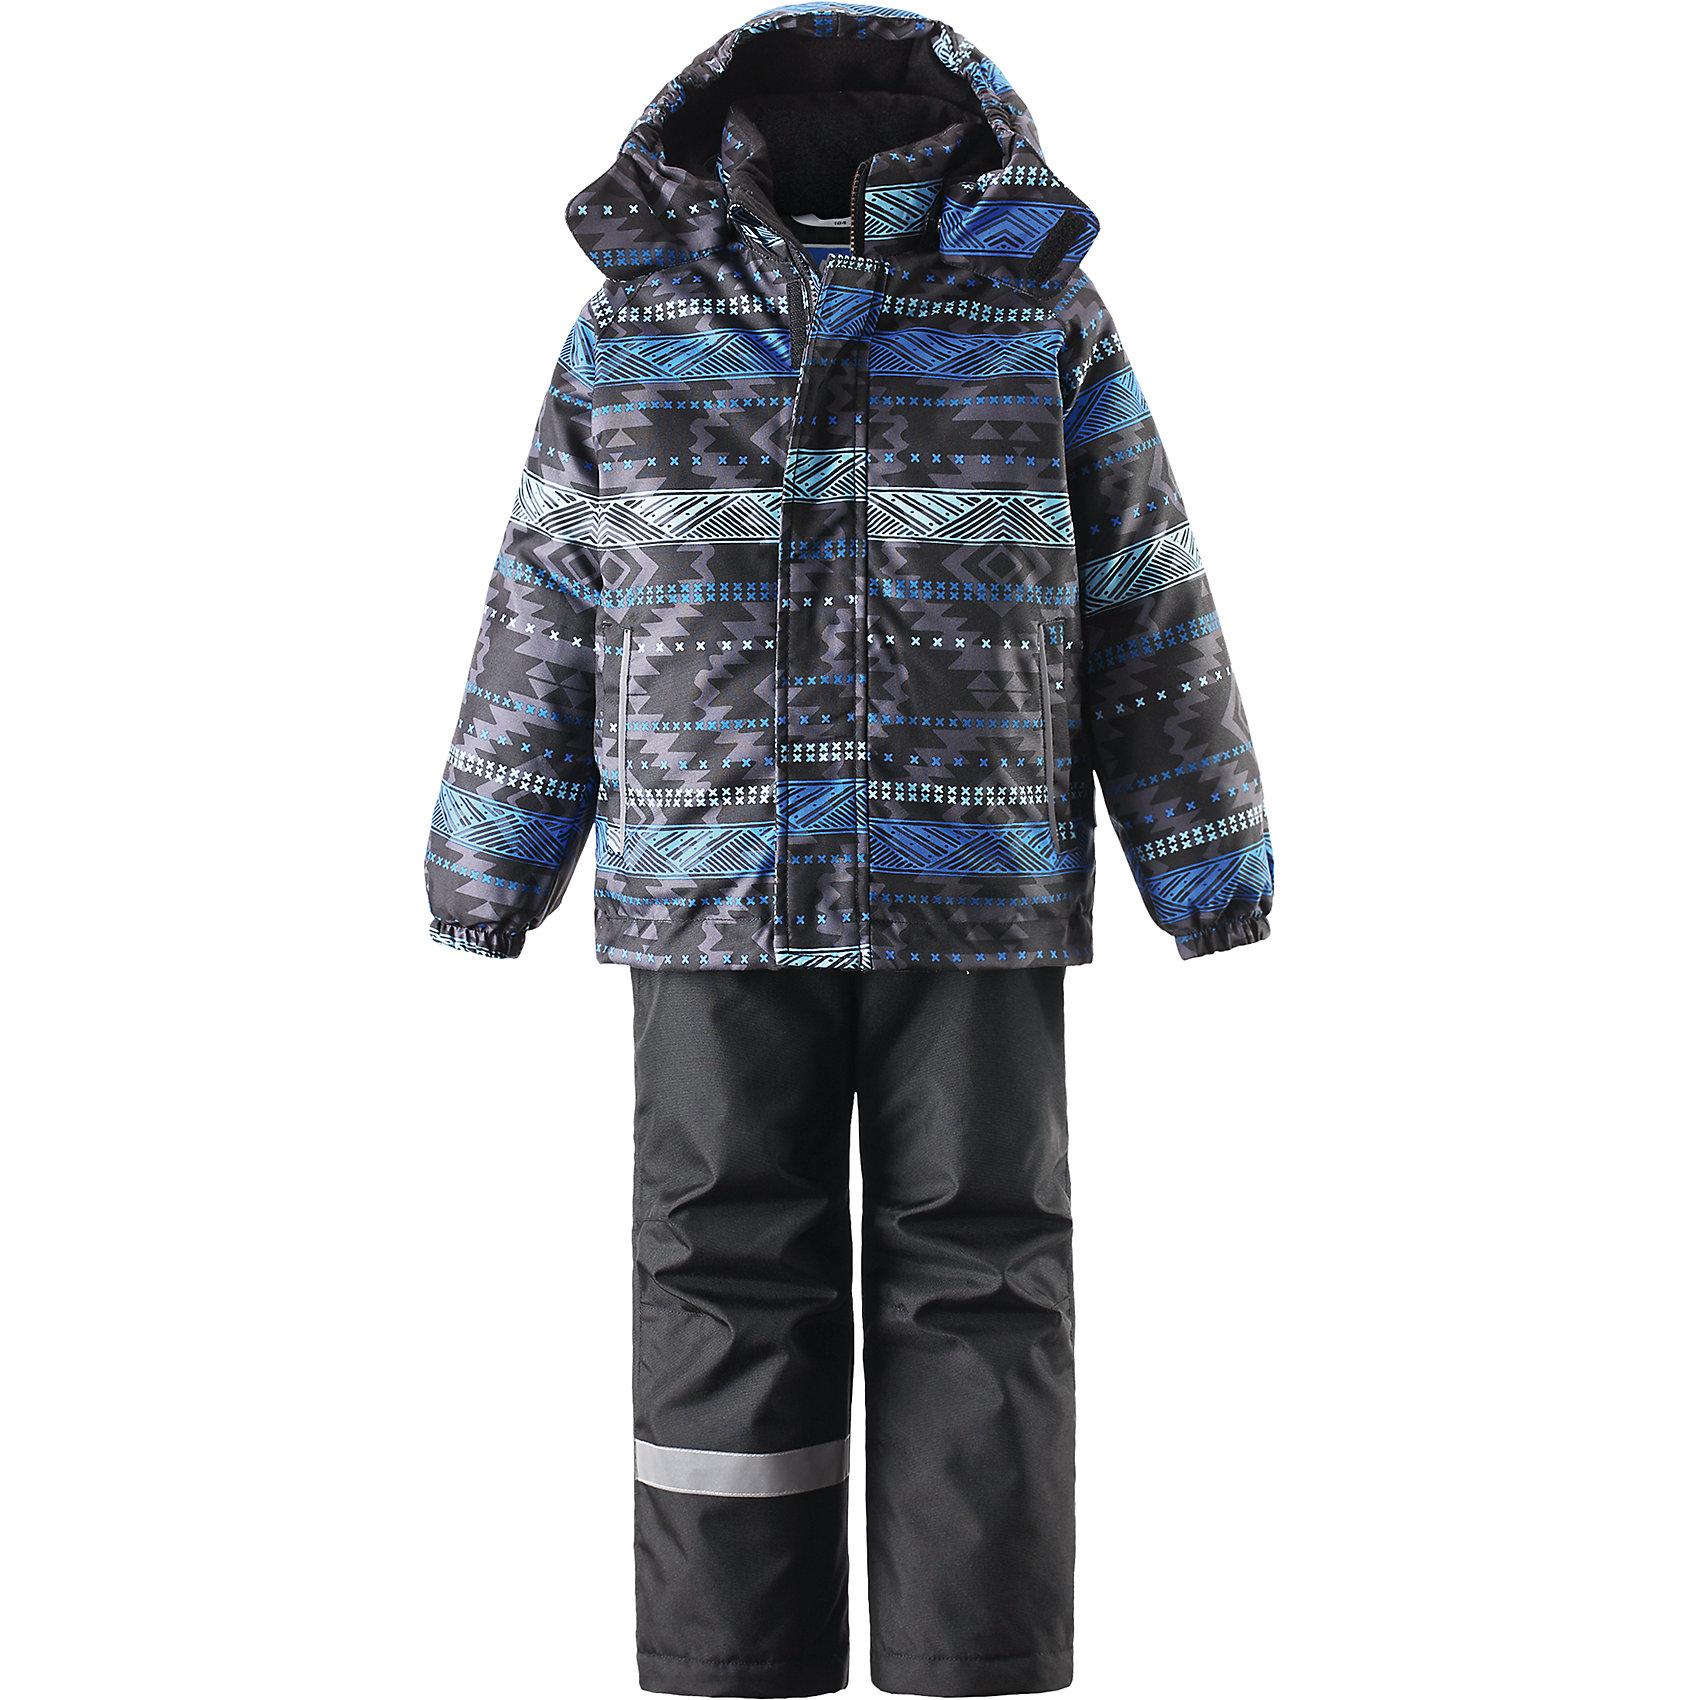 Комплект для мальчика LASSIE by ReimaЗимний комплект для детей известной финской марки.<br><br>- Сверхпрочный материал. Водоотталкивающий, ветронепроницаемый, «дышащий» и грязеотталкивающий материал.<br>- Задний серединный шов брюк проклеен. <br>- Гладкая подкладка из полиэстра.<br>-  Средняя степень утепления.<br>-  Безопасный, съемный капюшон.<br>-  Эластичные манжеты. Эластичная талия. <br>- Снегозащитные манжеты на штанинах. <br>- Ширинка на молнии. Два прорезных кармана.<br>-  Регулируемые и отстегивающиеся эластичные подтяжки. <br>- Принт по всей поверхности.  <br><br>Рекомендации по уходу: Стирать по отдельности, вывернув наизнанку. Застегнуть молнии и липучки. Соблюдать температуру в соответствии с руководством по уходу. Стирать моющим средством, не содержащим отбеливающие вещества. Полоскать без специального средства. Сушение в сушильном шкафу разрешено при  низкой температуре.<br><br>Состав: 100% Полиамид, полиуретановое покрытие.  Утеплитель «Lassie wadding» 100гр.(брюки); 180гр.(куртка).<br><br>Ширина мм: 190<br>Глубина мм: 74<br>Высота мм: 229<br>Вес г: 236<br>Цвет: синий<br>Возраст от месяцев: 60<br>Возраст до месяцев: 72<br>Пол: Мужской<br>Возраст: Детский<br>Размер: 116,140,134,128,122,110,104,98,92<br>SKU: 4782138